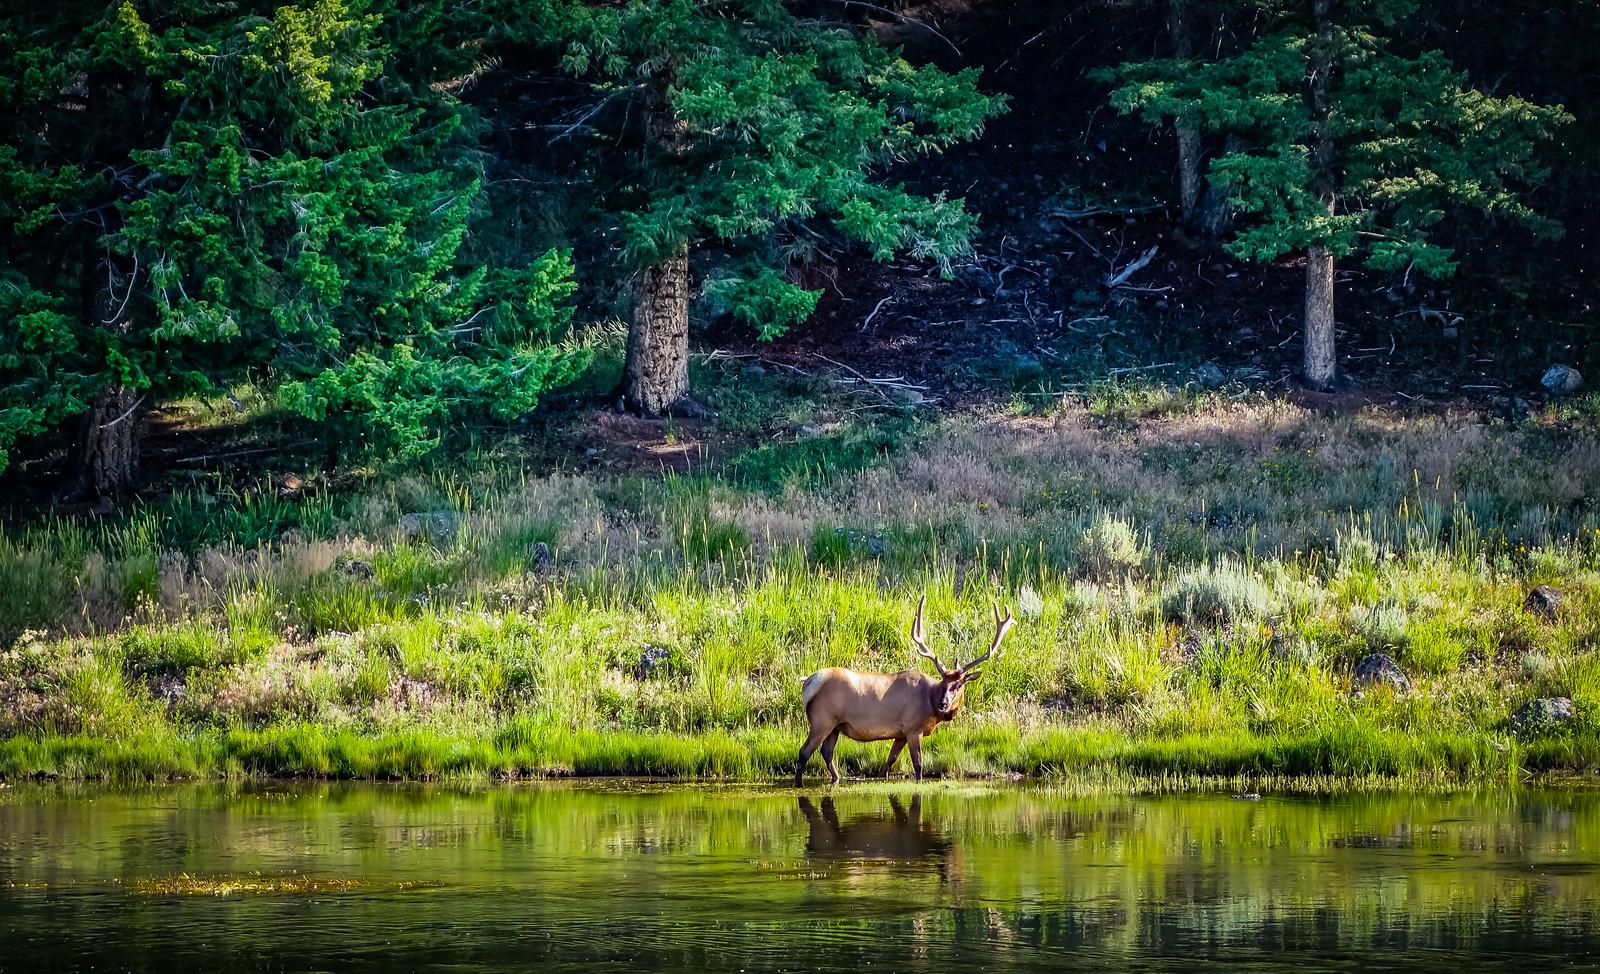 elk by river